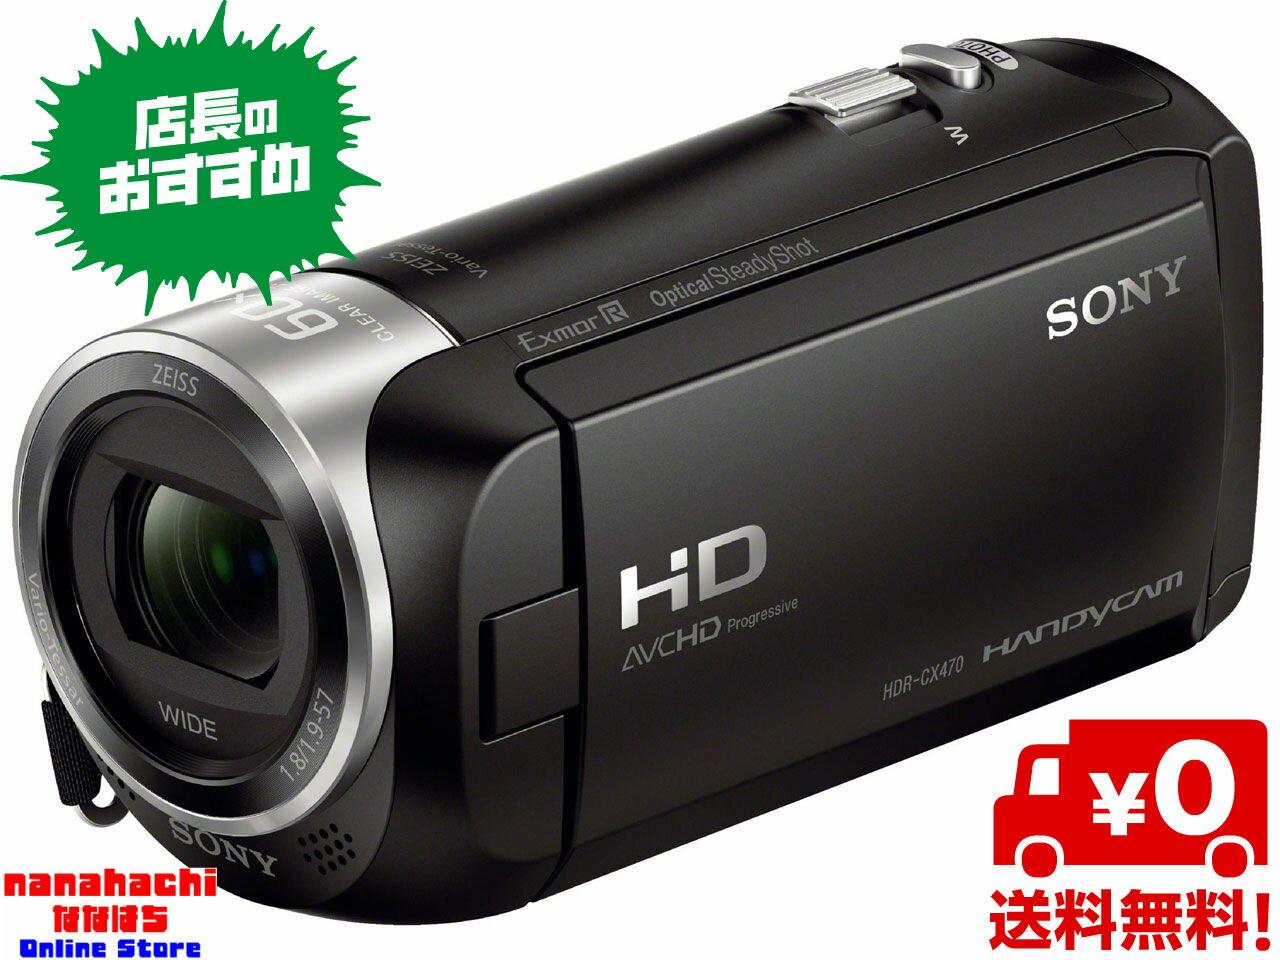 【あす楽対応】【送料無料】SONYソニーハンディカム HDR-CX470-B ブラック ハイビジョンも長時間記録、大容量32GBの内蔵メモリー■「光学式手ブレ補正インテリジェントアクティブモード」を搭載。【オススメ】